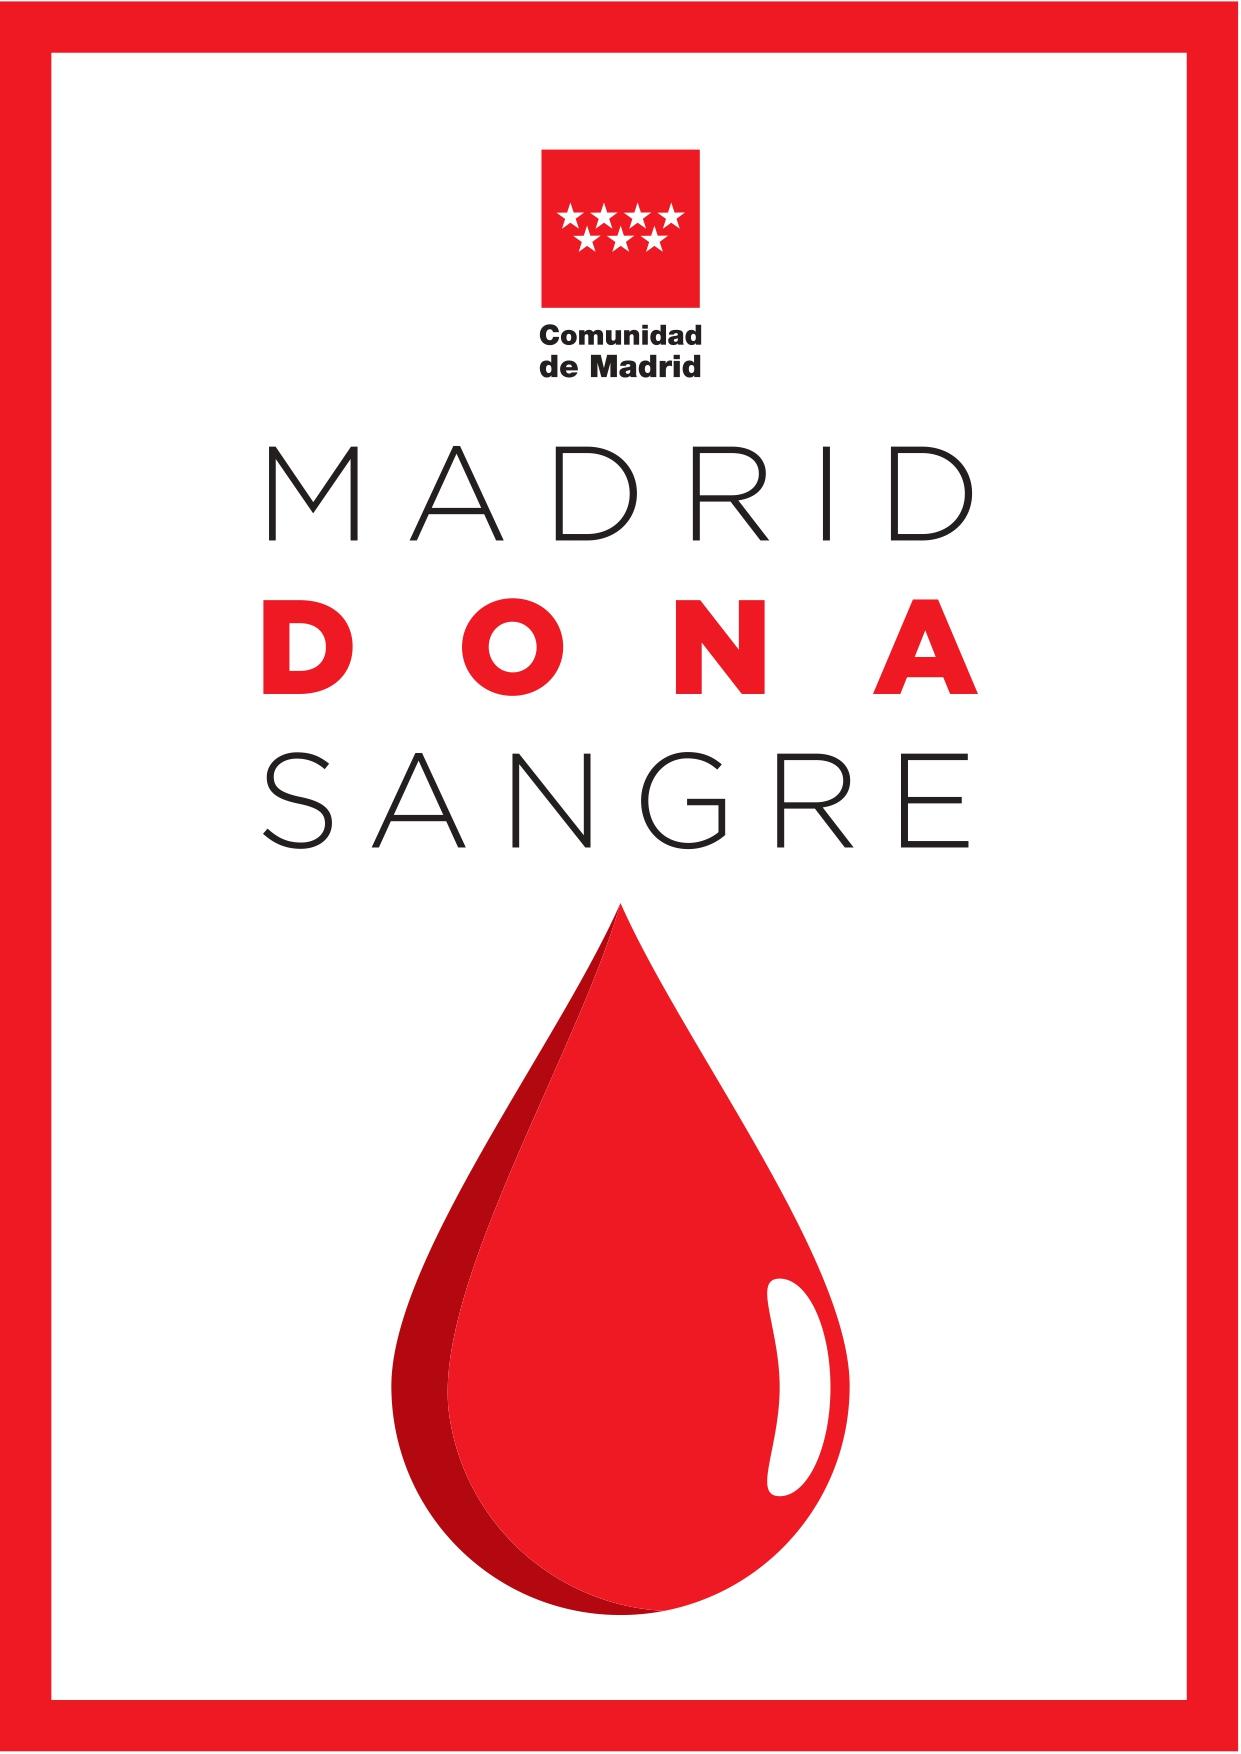 Cartel con una gota gigante y lema Madrid Dona sangre